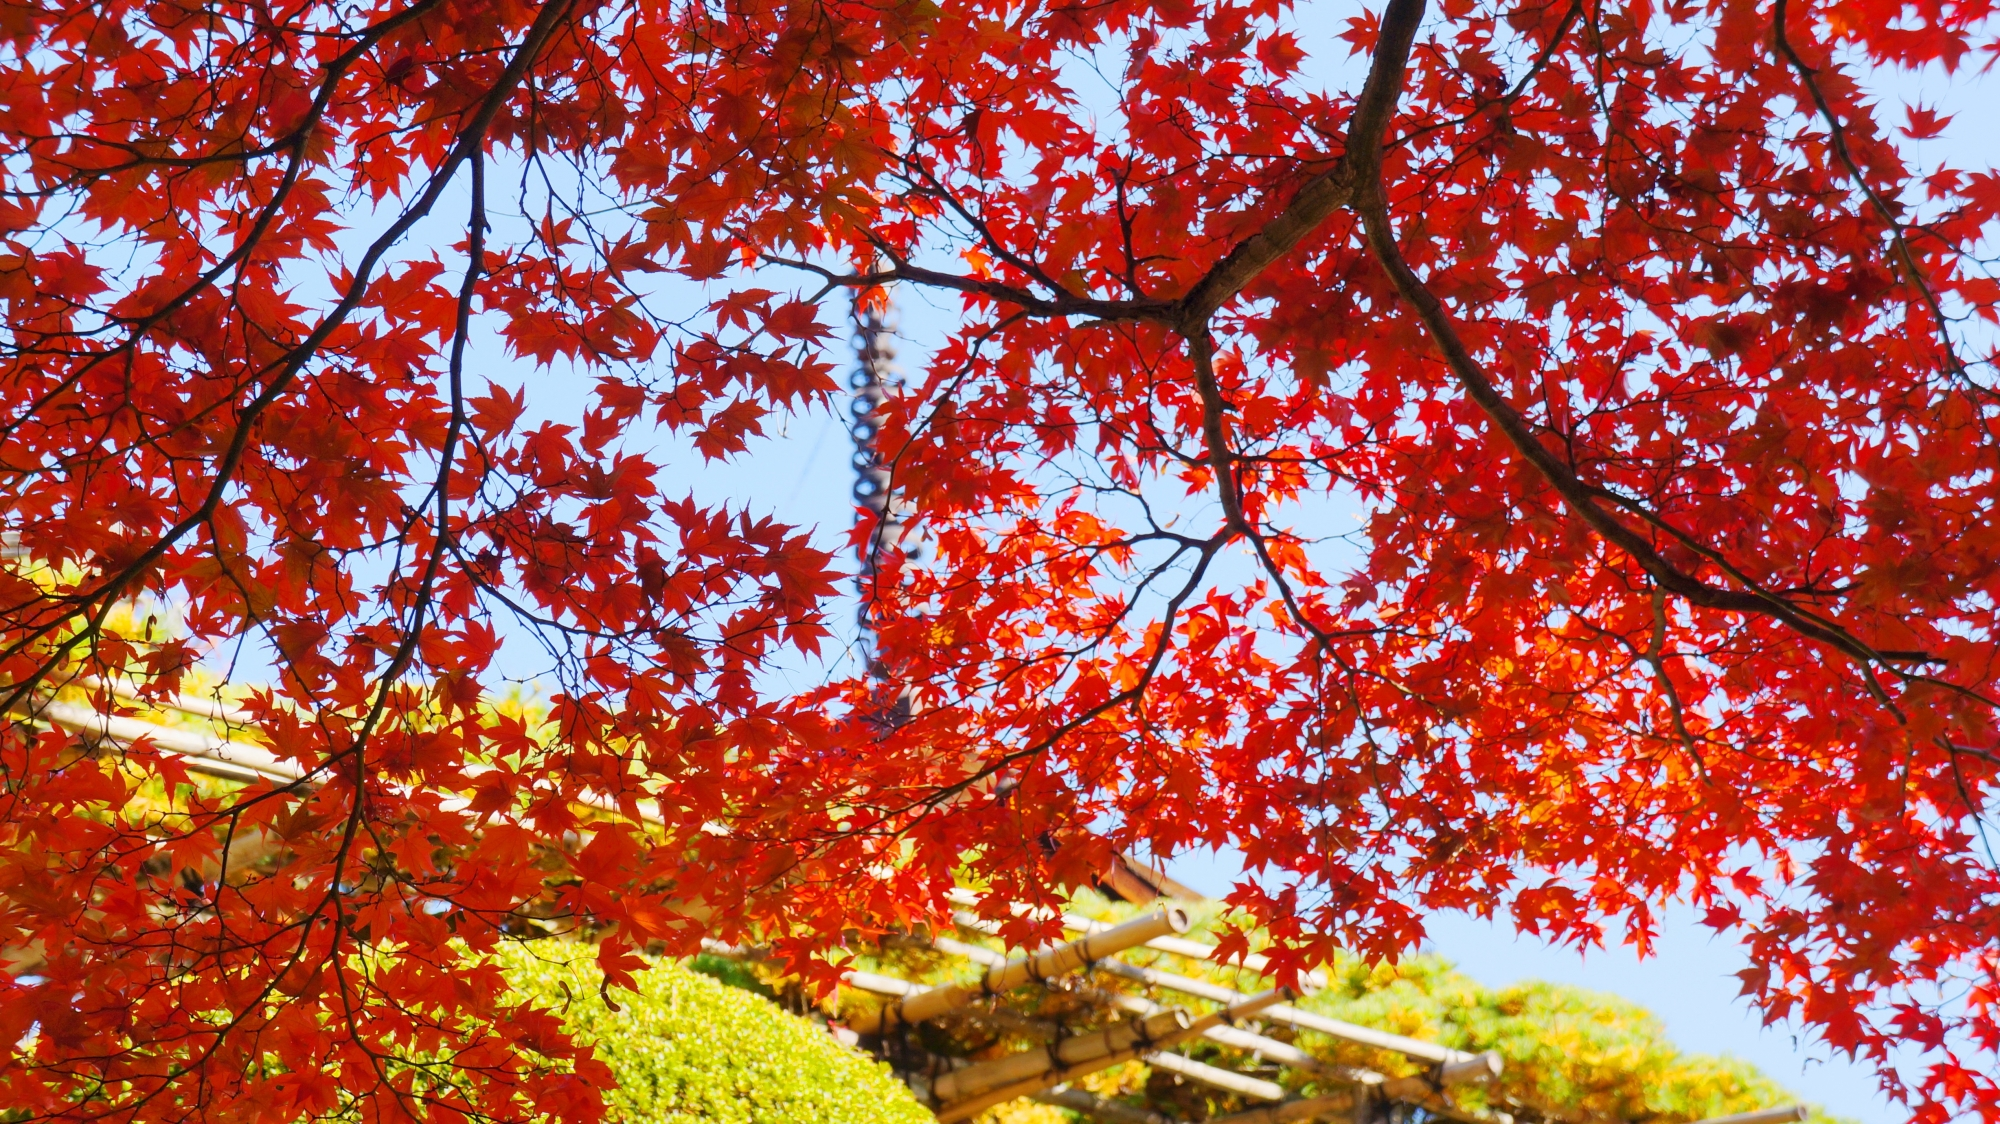 善峯寺の良く色づいた空を覆う赤い紅葉